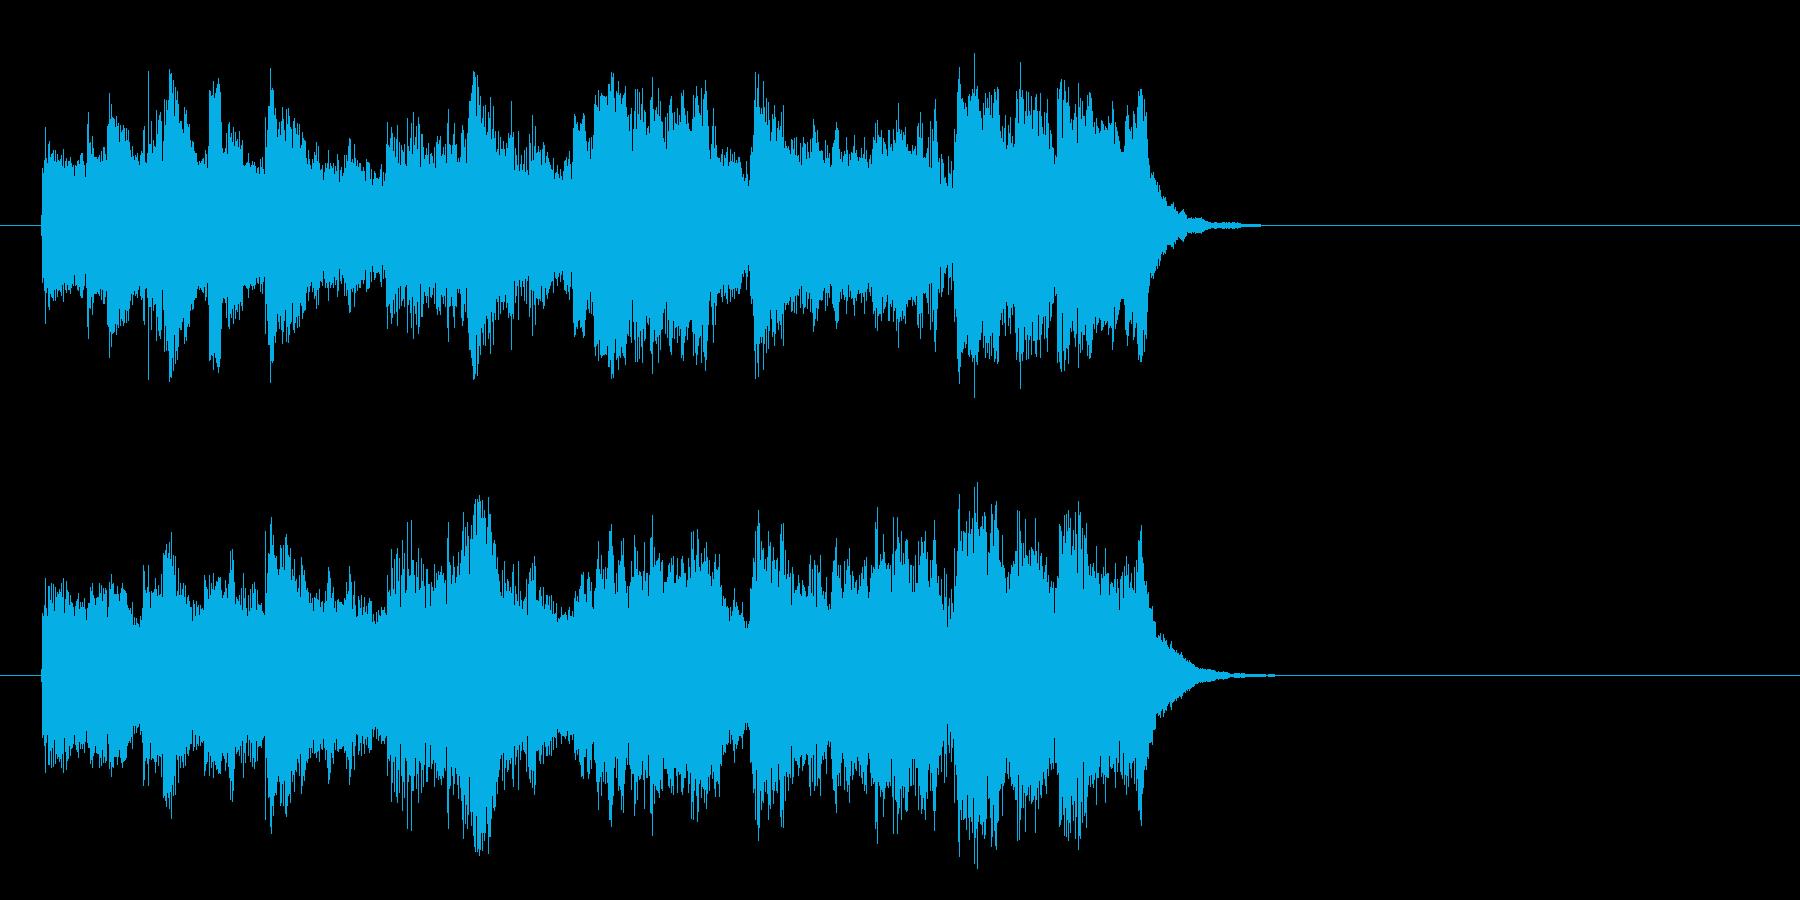 懐かしの歌謡ジャズ風楽曲(イントロ)の再生済みの波形